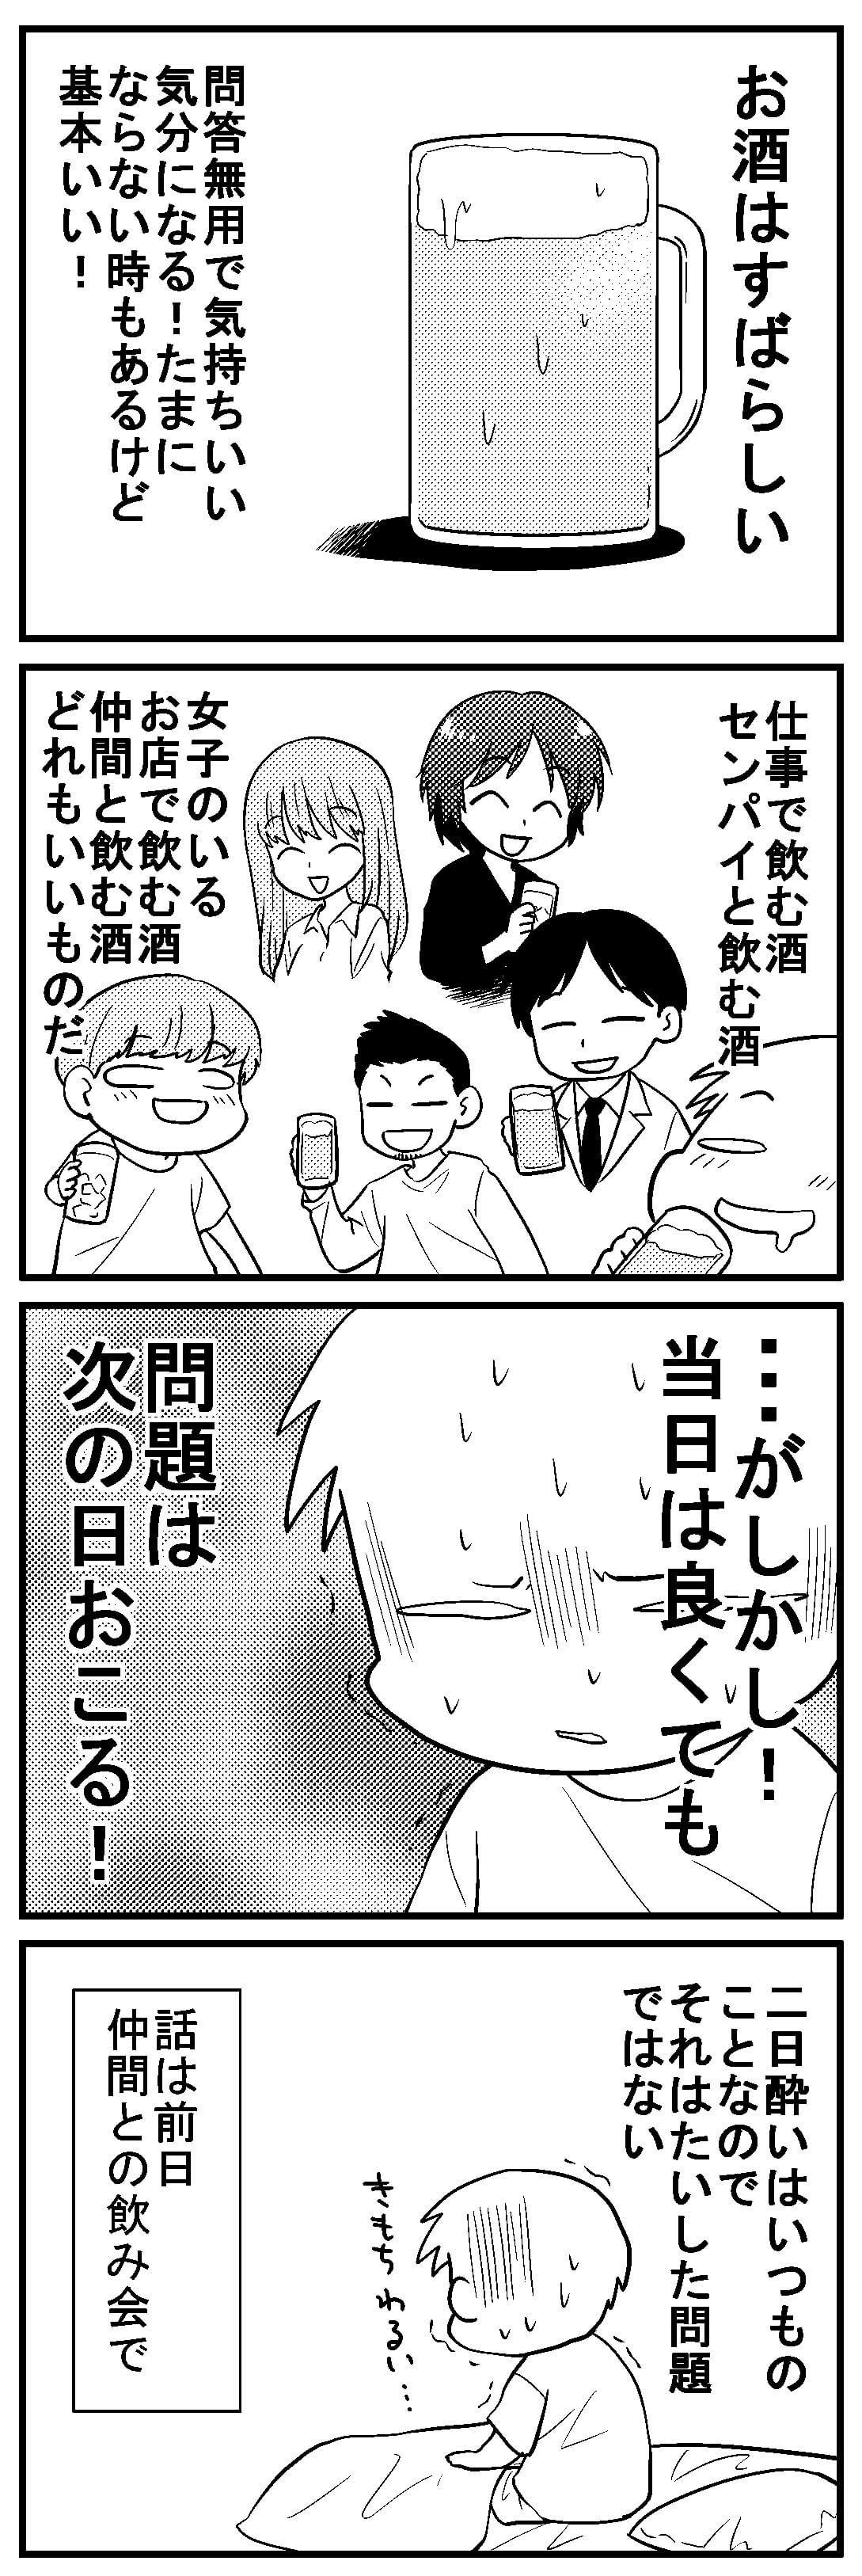 深読みくん22 1-1